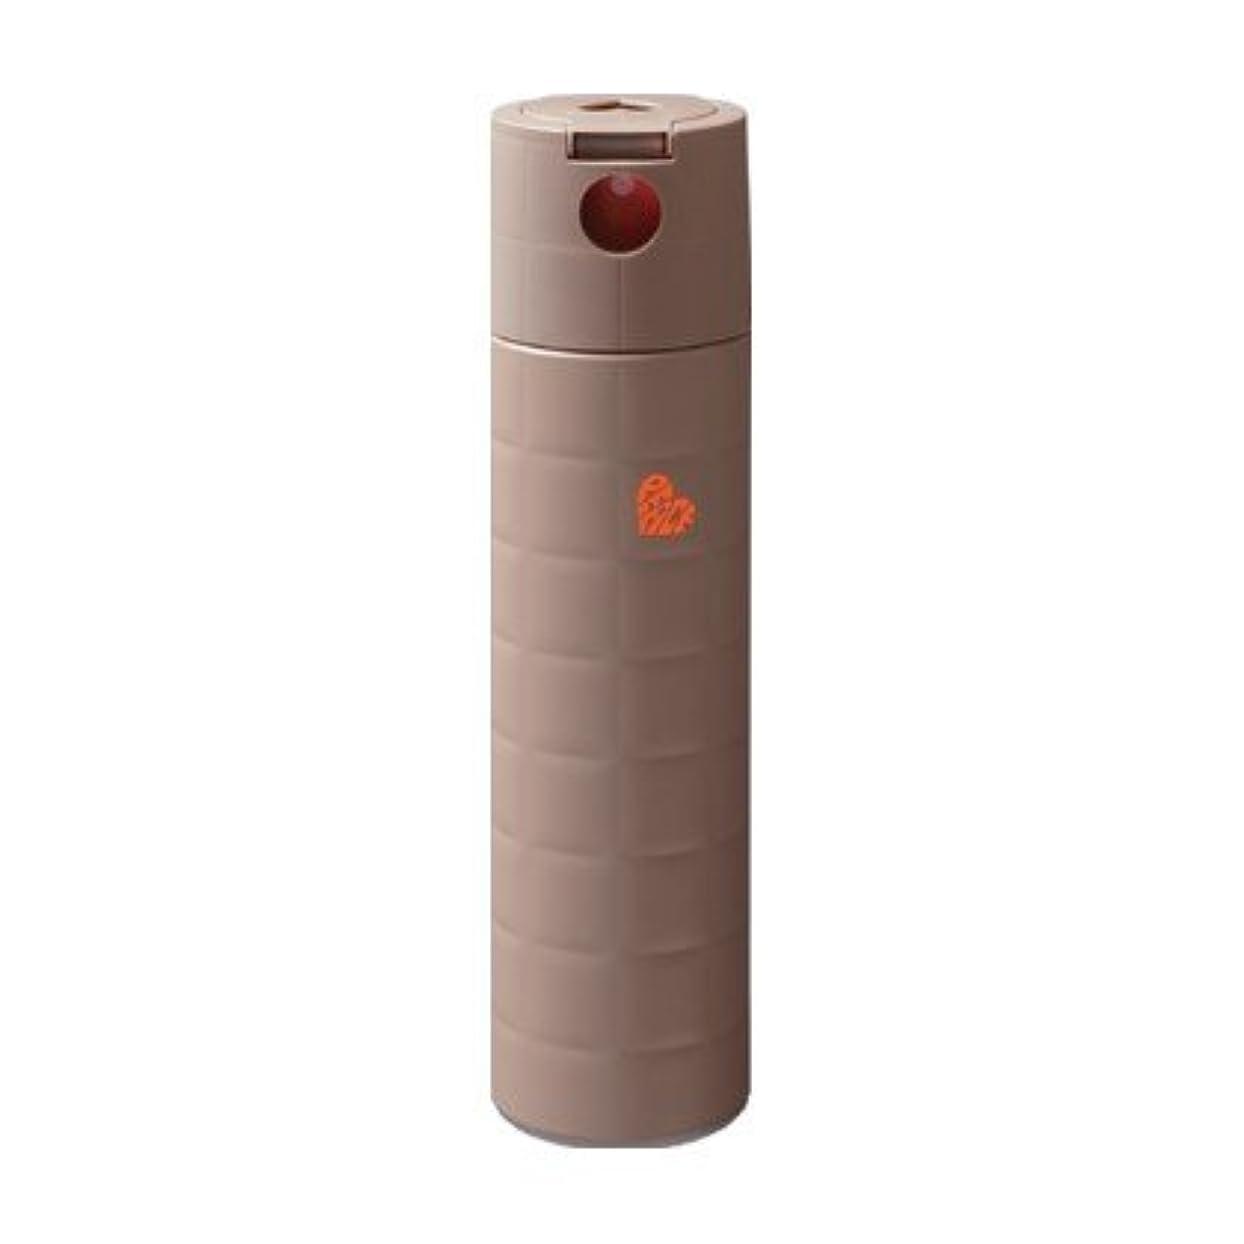 アリミノ ピース ワックスspray カフェオレ 143g(200ml) スプレーライン ARIMINO PEACE